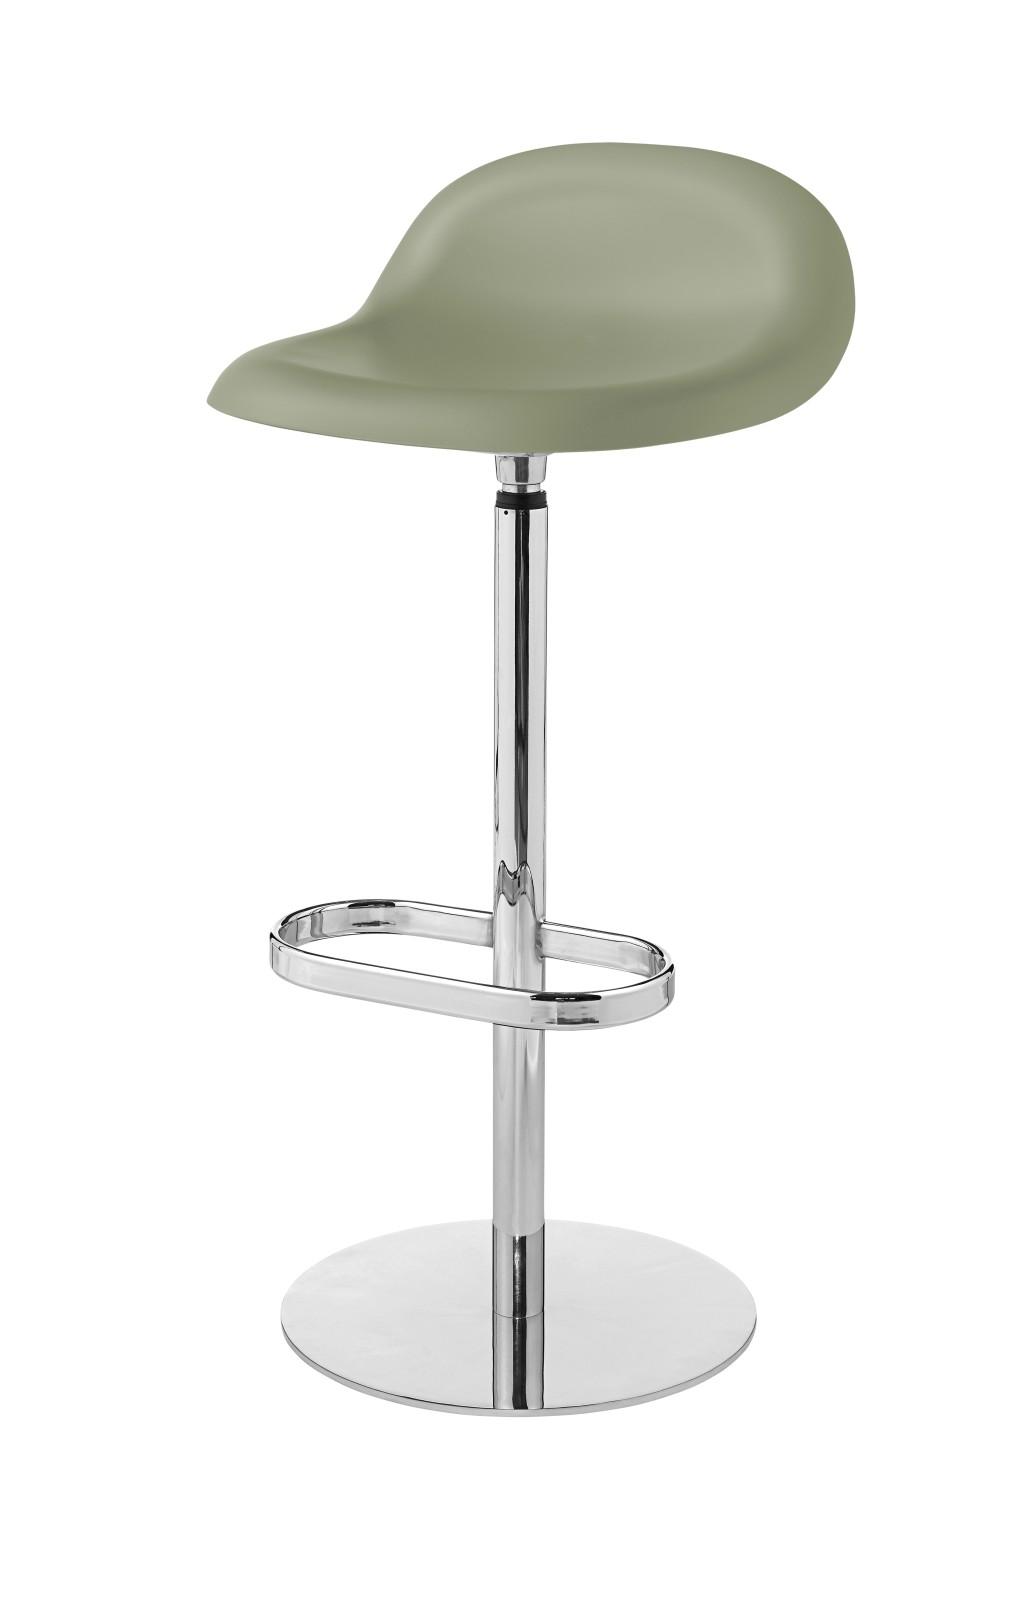 Gubi 3D Bar Stool Swivel Base - Unupholstered Gubi HiRek Mistletoe